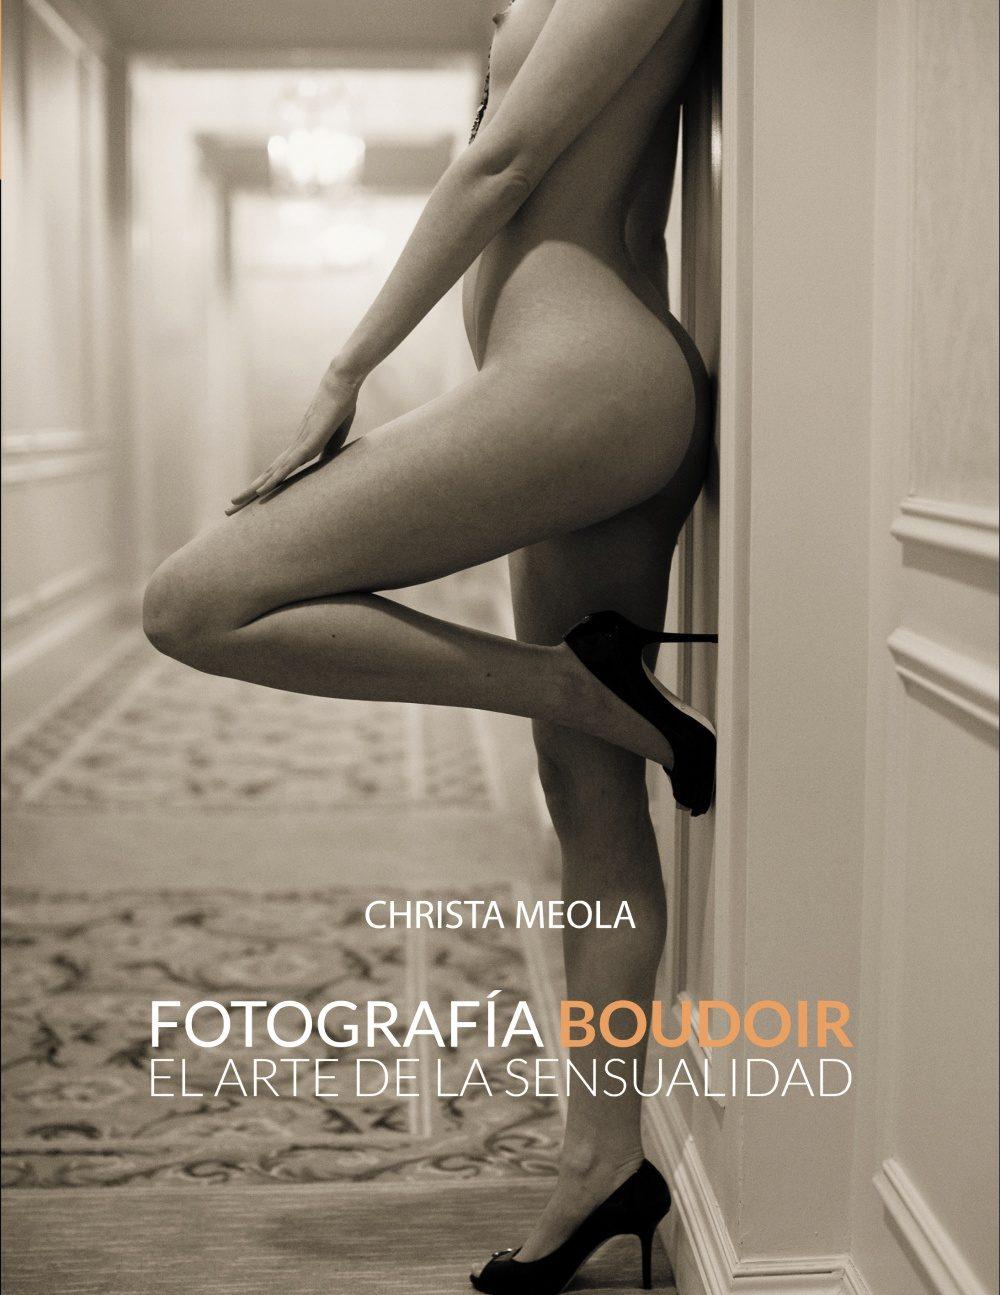 fotografia boudoir: el arte de la sensualidad-christa meola-9788441533592